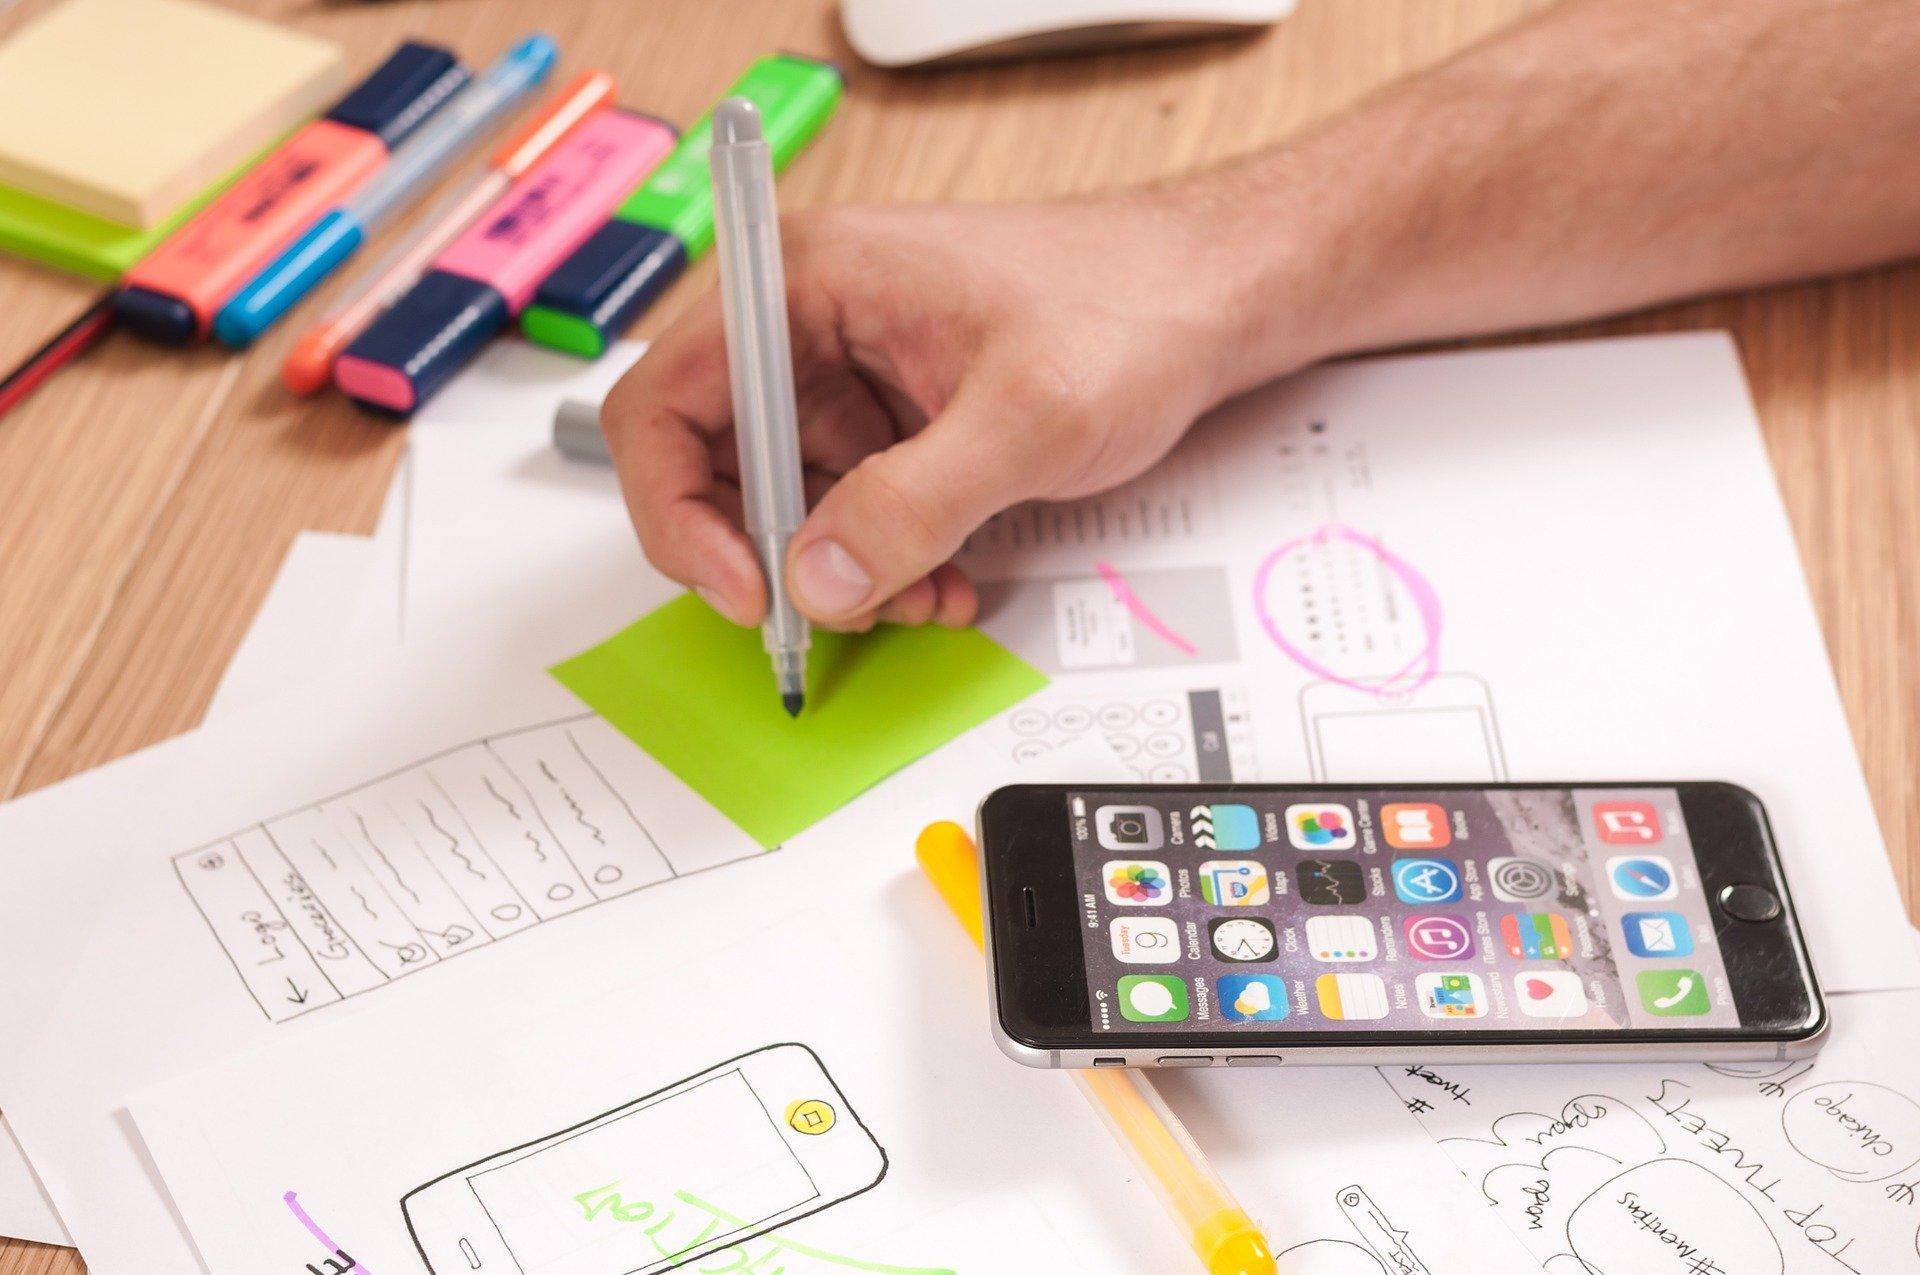 Professionele app laten ontwikkelen: 3 tips